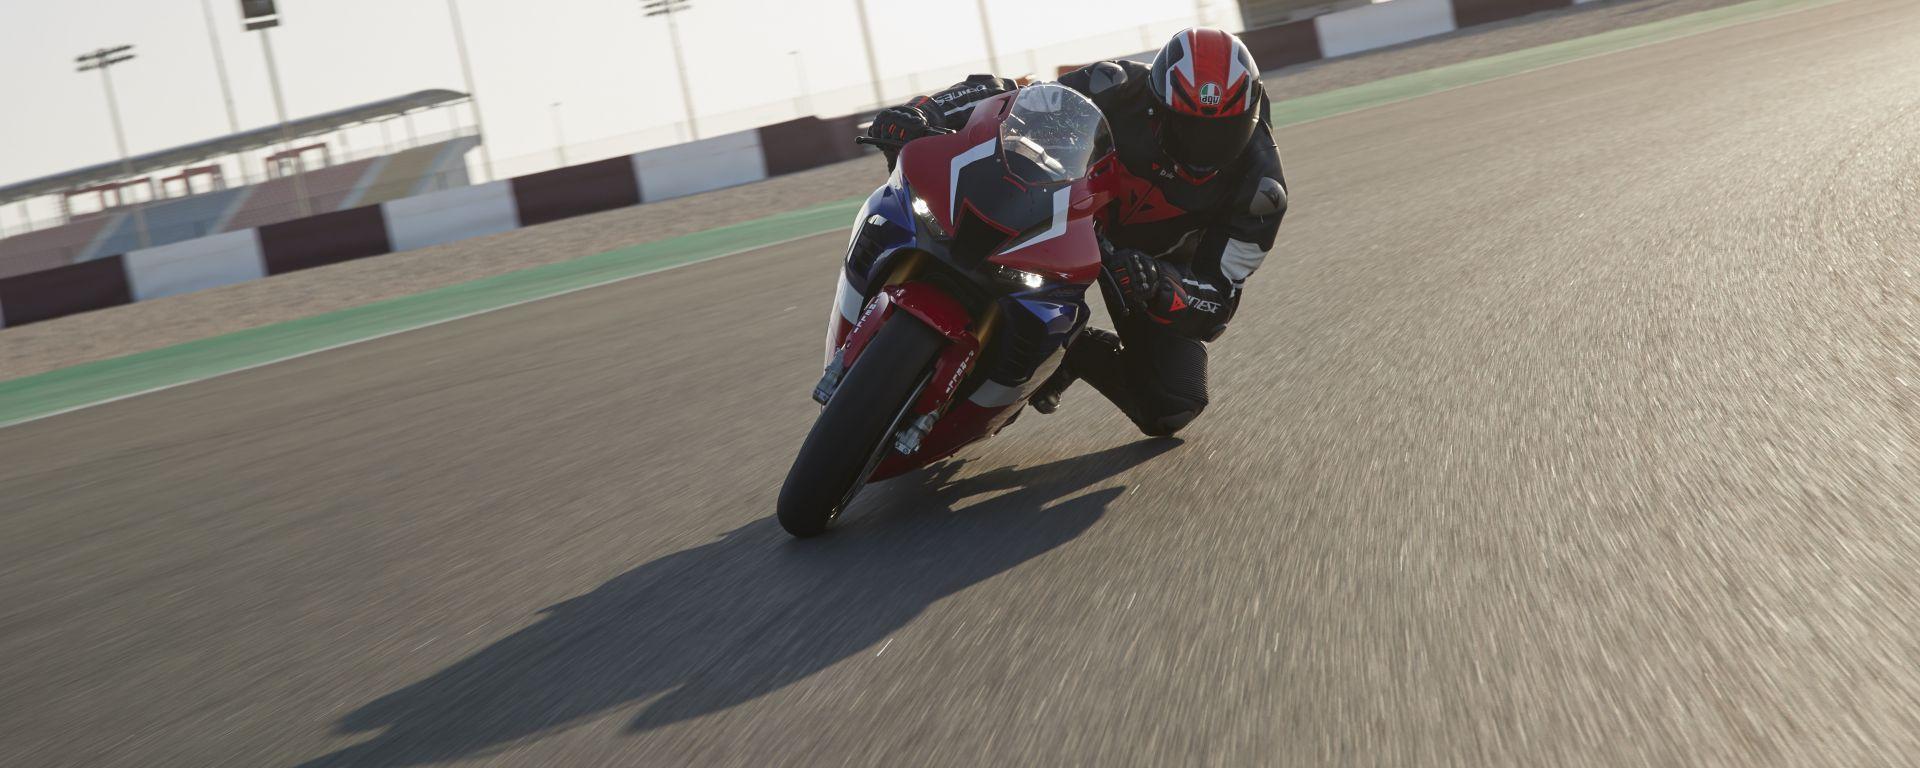 Honda CBR 1000 RR-R Fireblade 2020: attacco al potere. La prova video